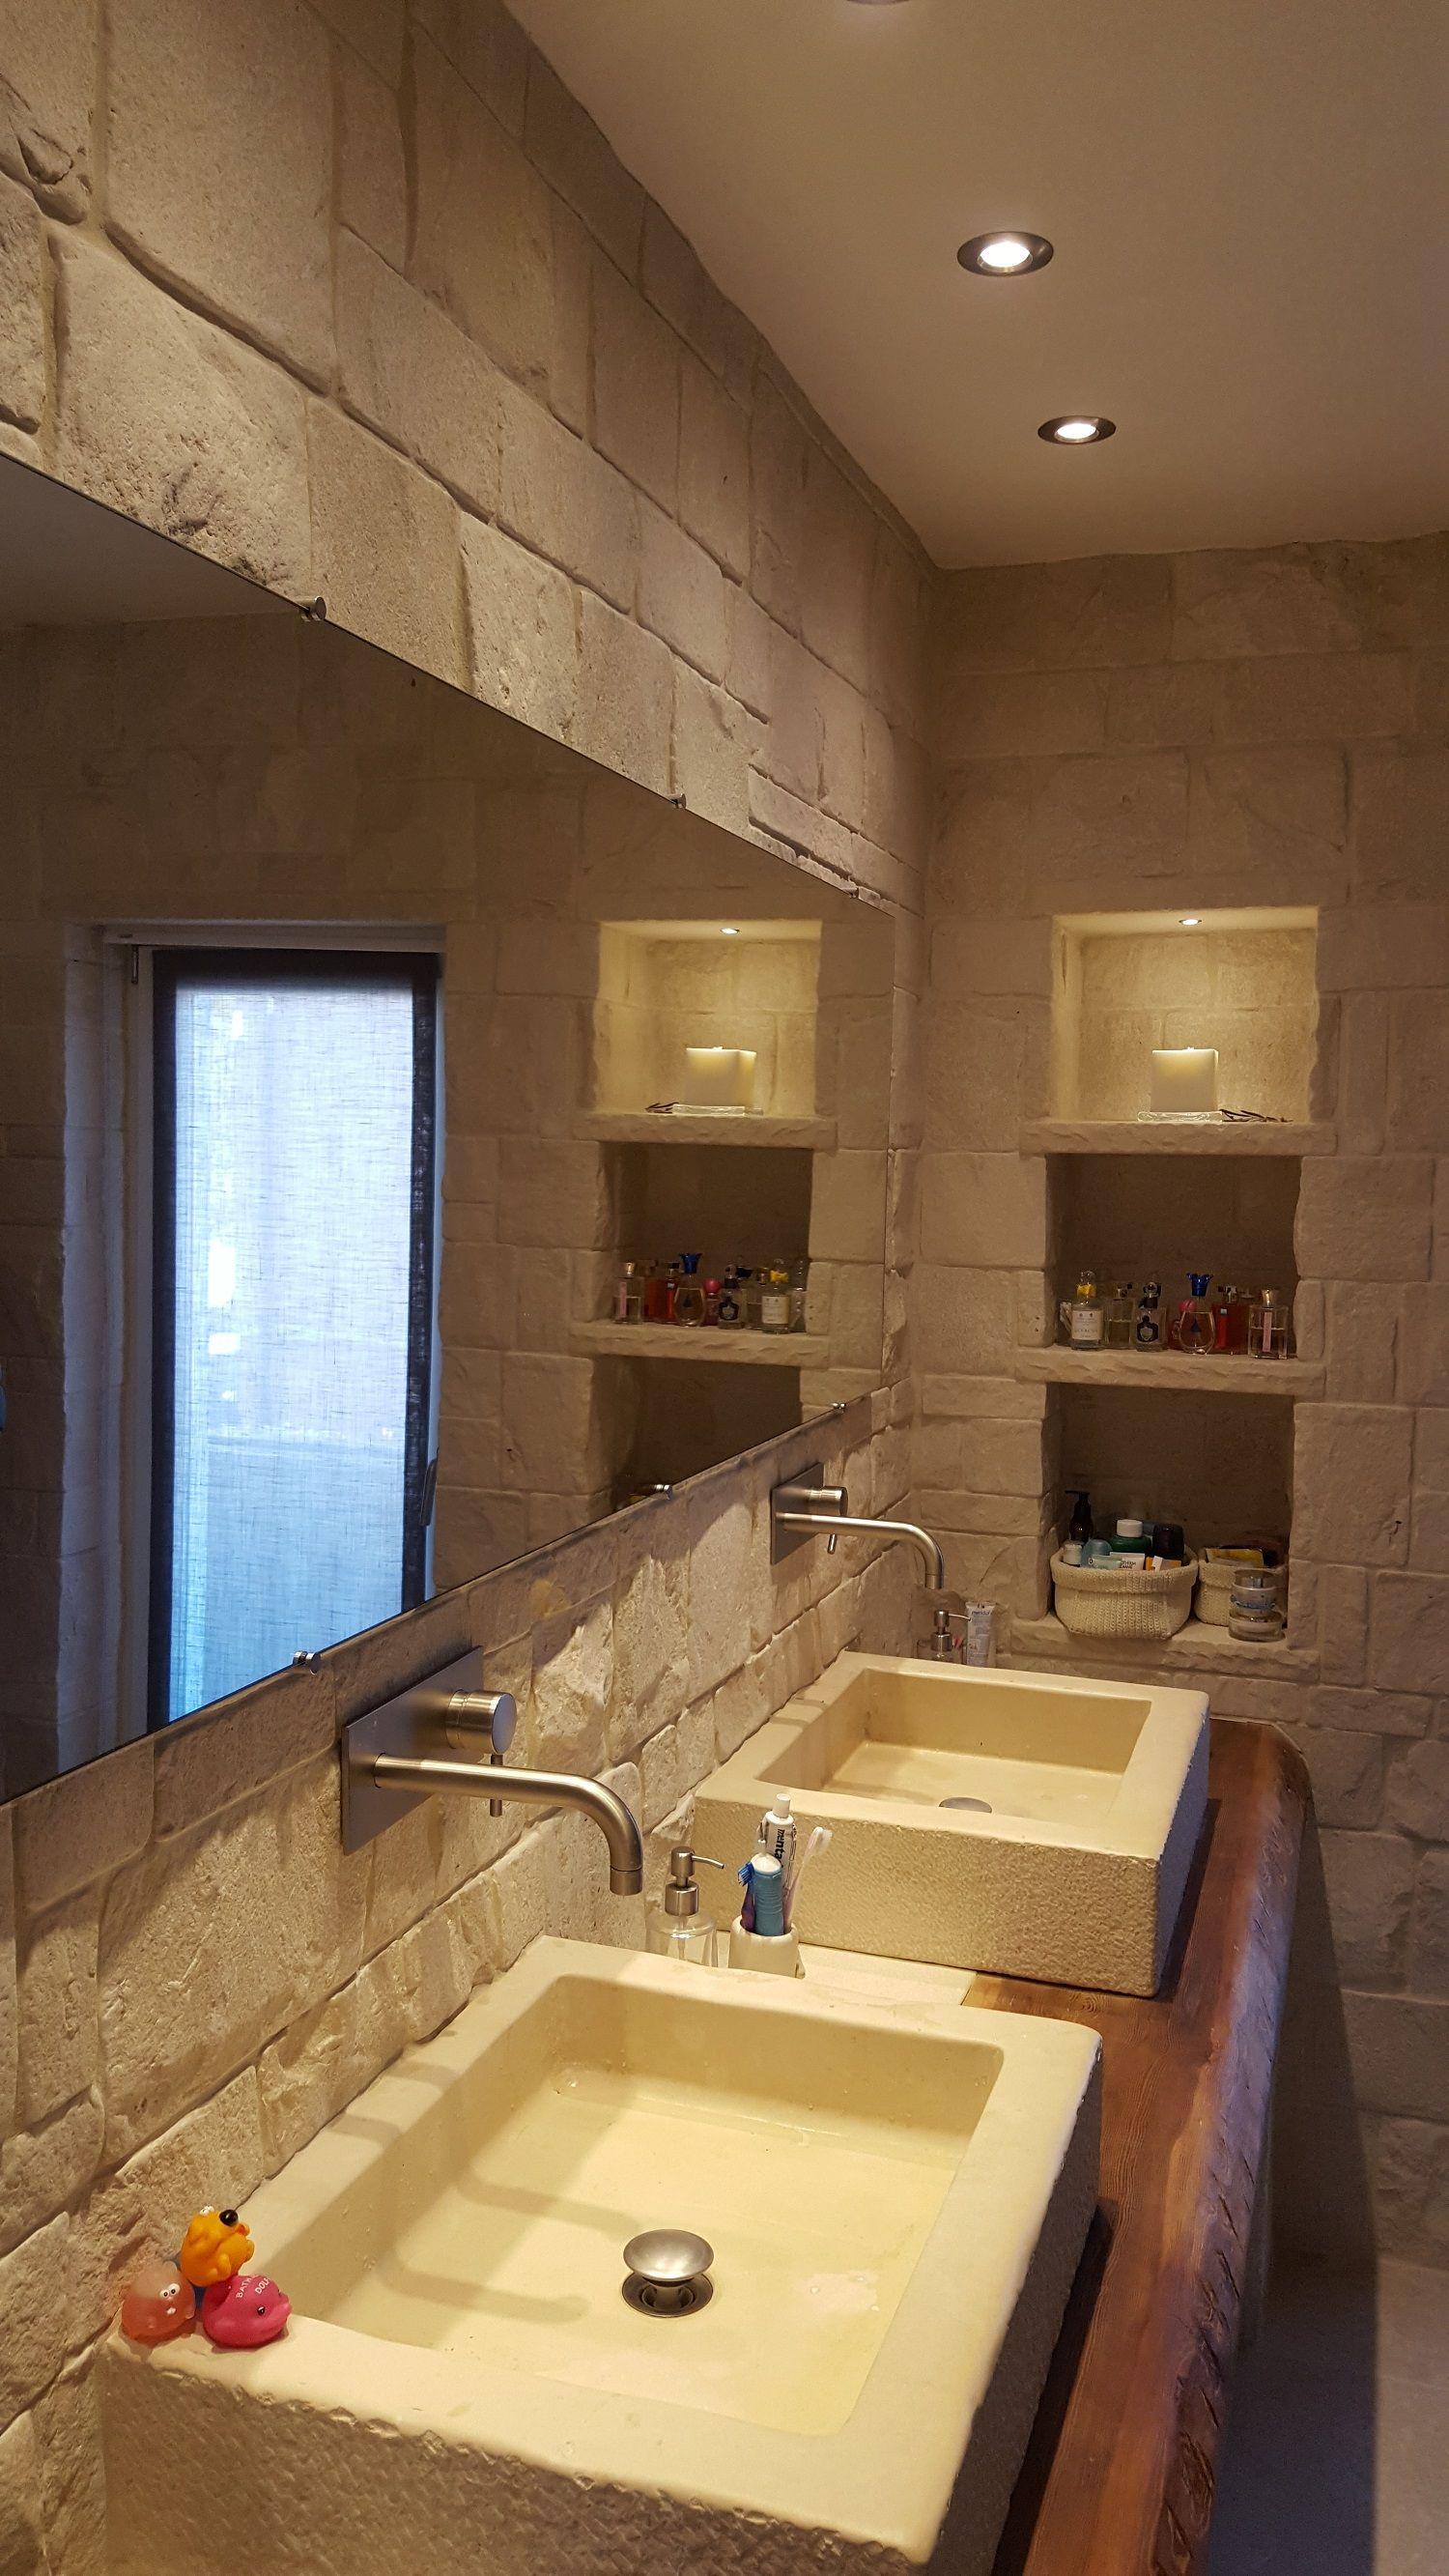 Scegli il nostro assortimento di illuminazione per bagno: Pin Su Illuminazione Bagno Bathroom Lighting